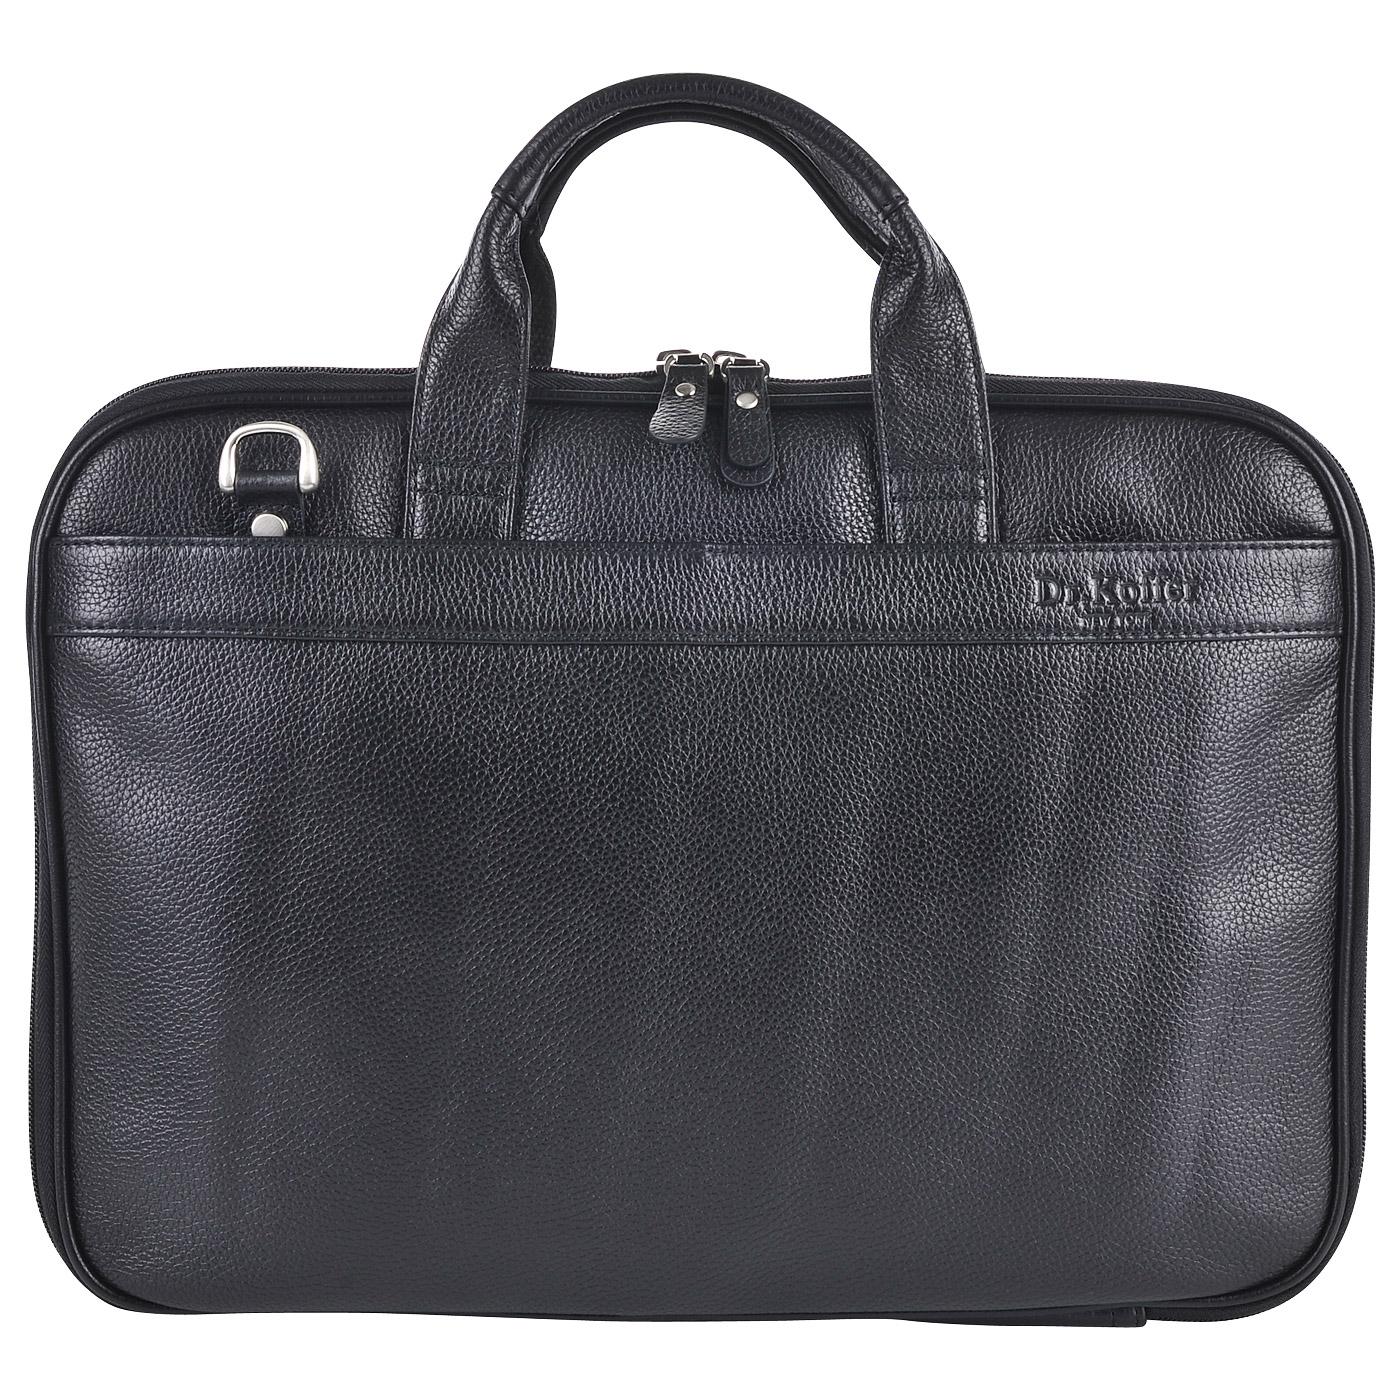 Сумка для ноутбука Dr. Koffer P402253-220-04 - 2000557680210 черный  натуральная кожа 38 x 26 Цена 12780 руб. купить в интернет-магазине  PanChemodan.ru 41b818dfde0